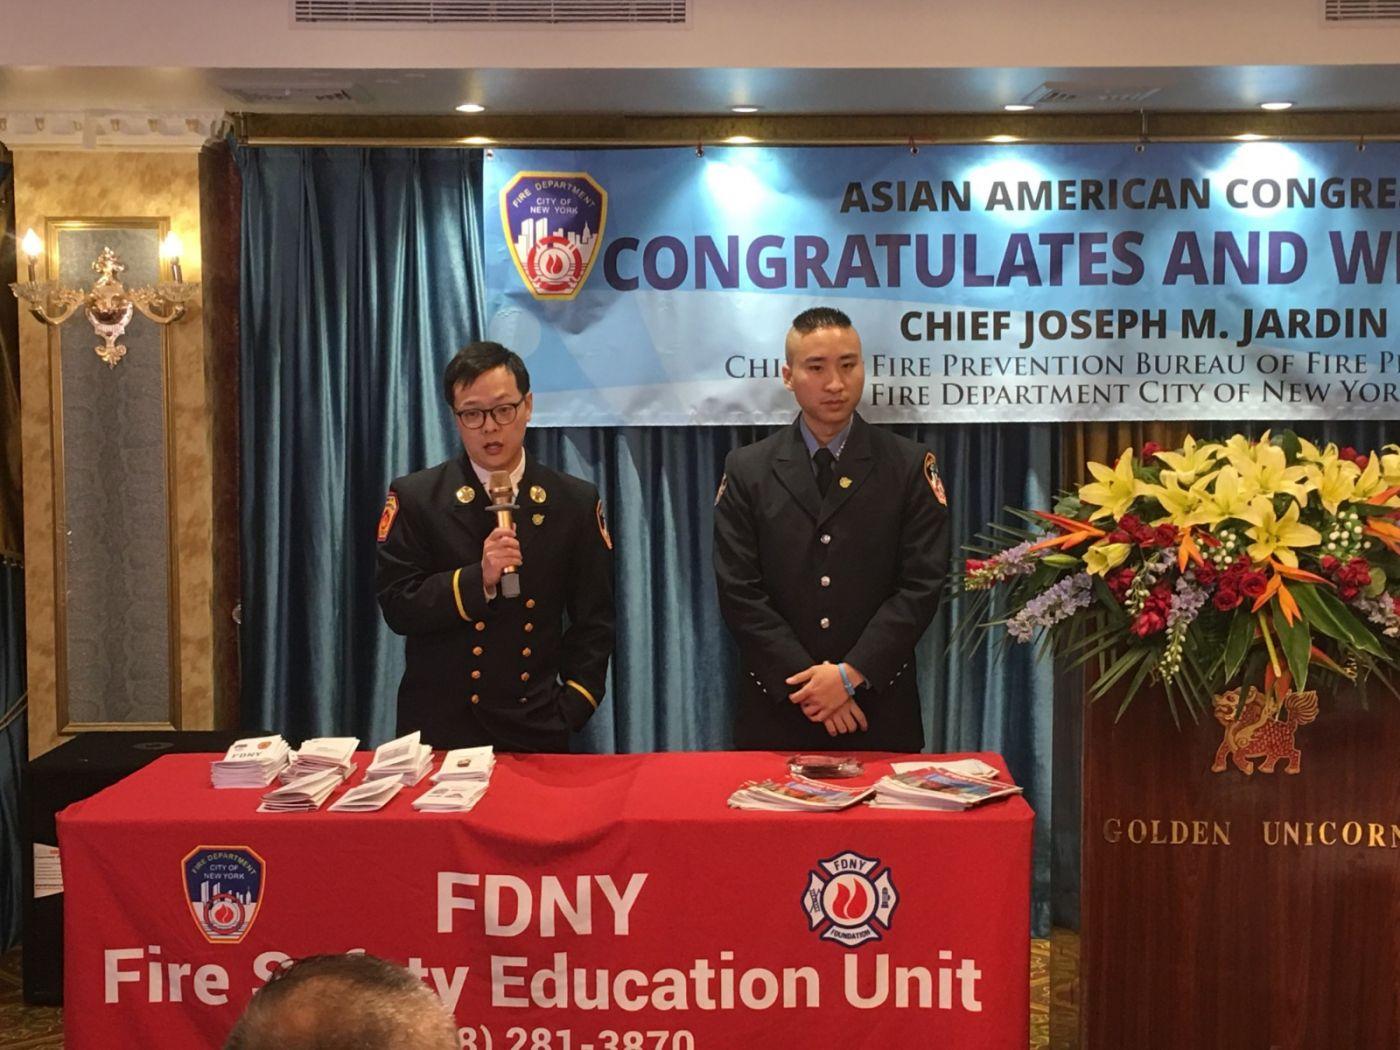 纽约亚美协会与纽约消防局共同主办庆功晚会_图1-20